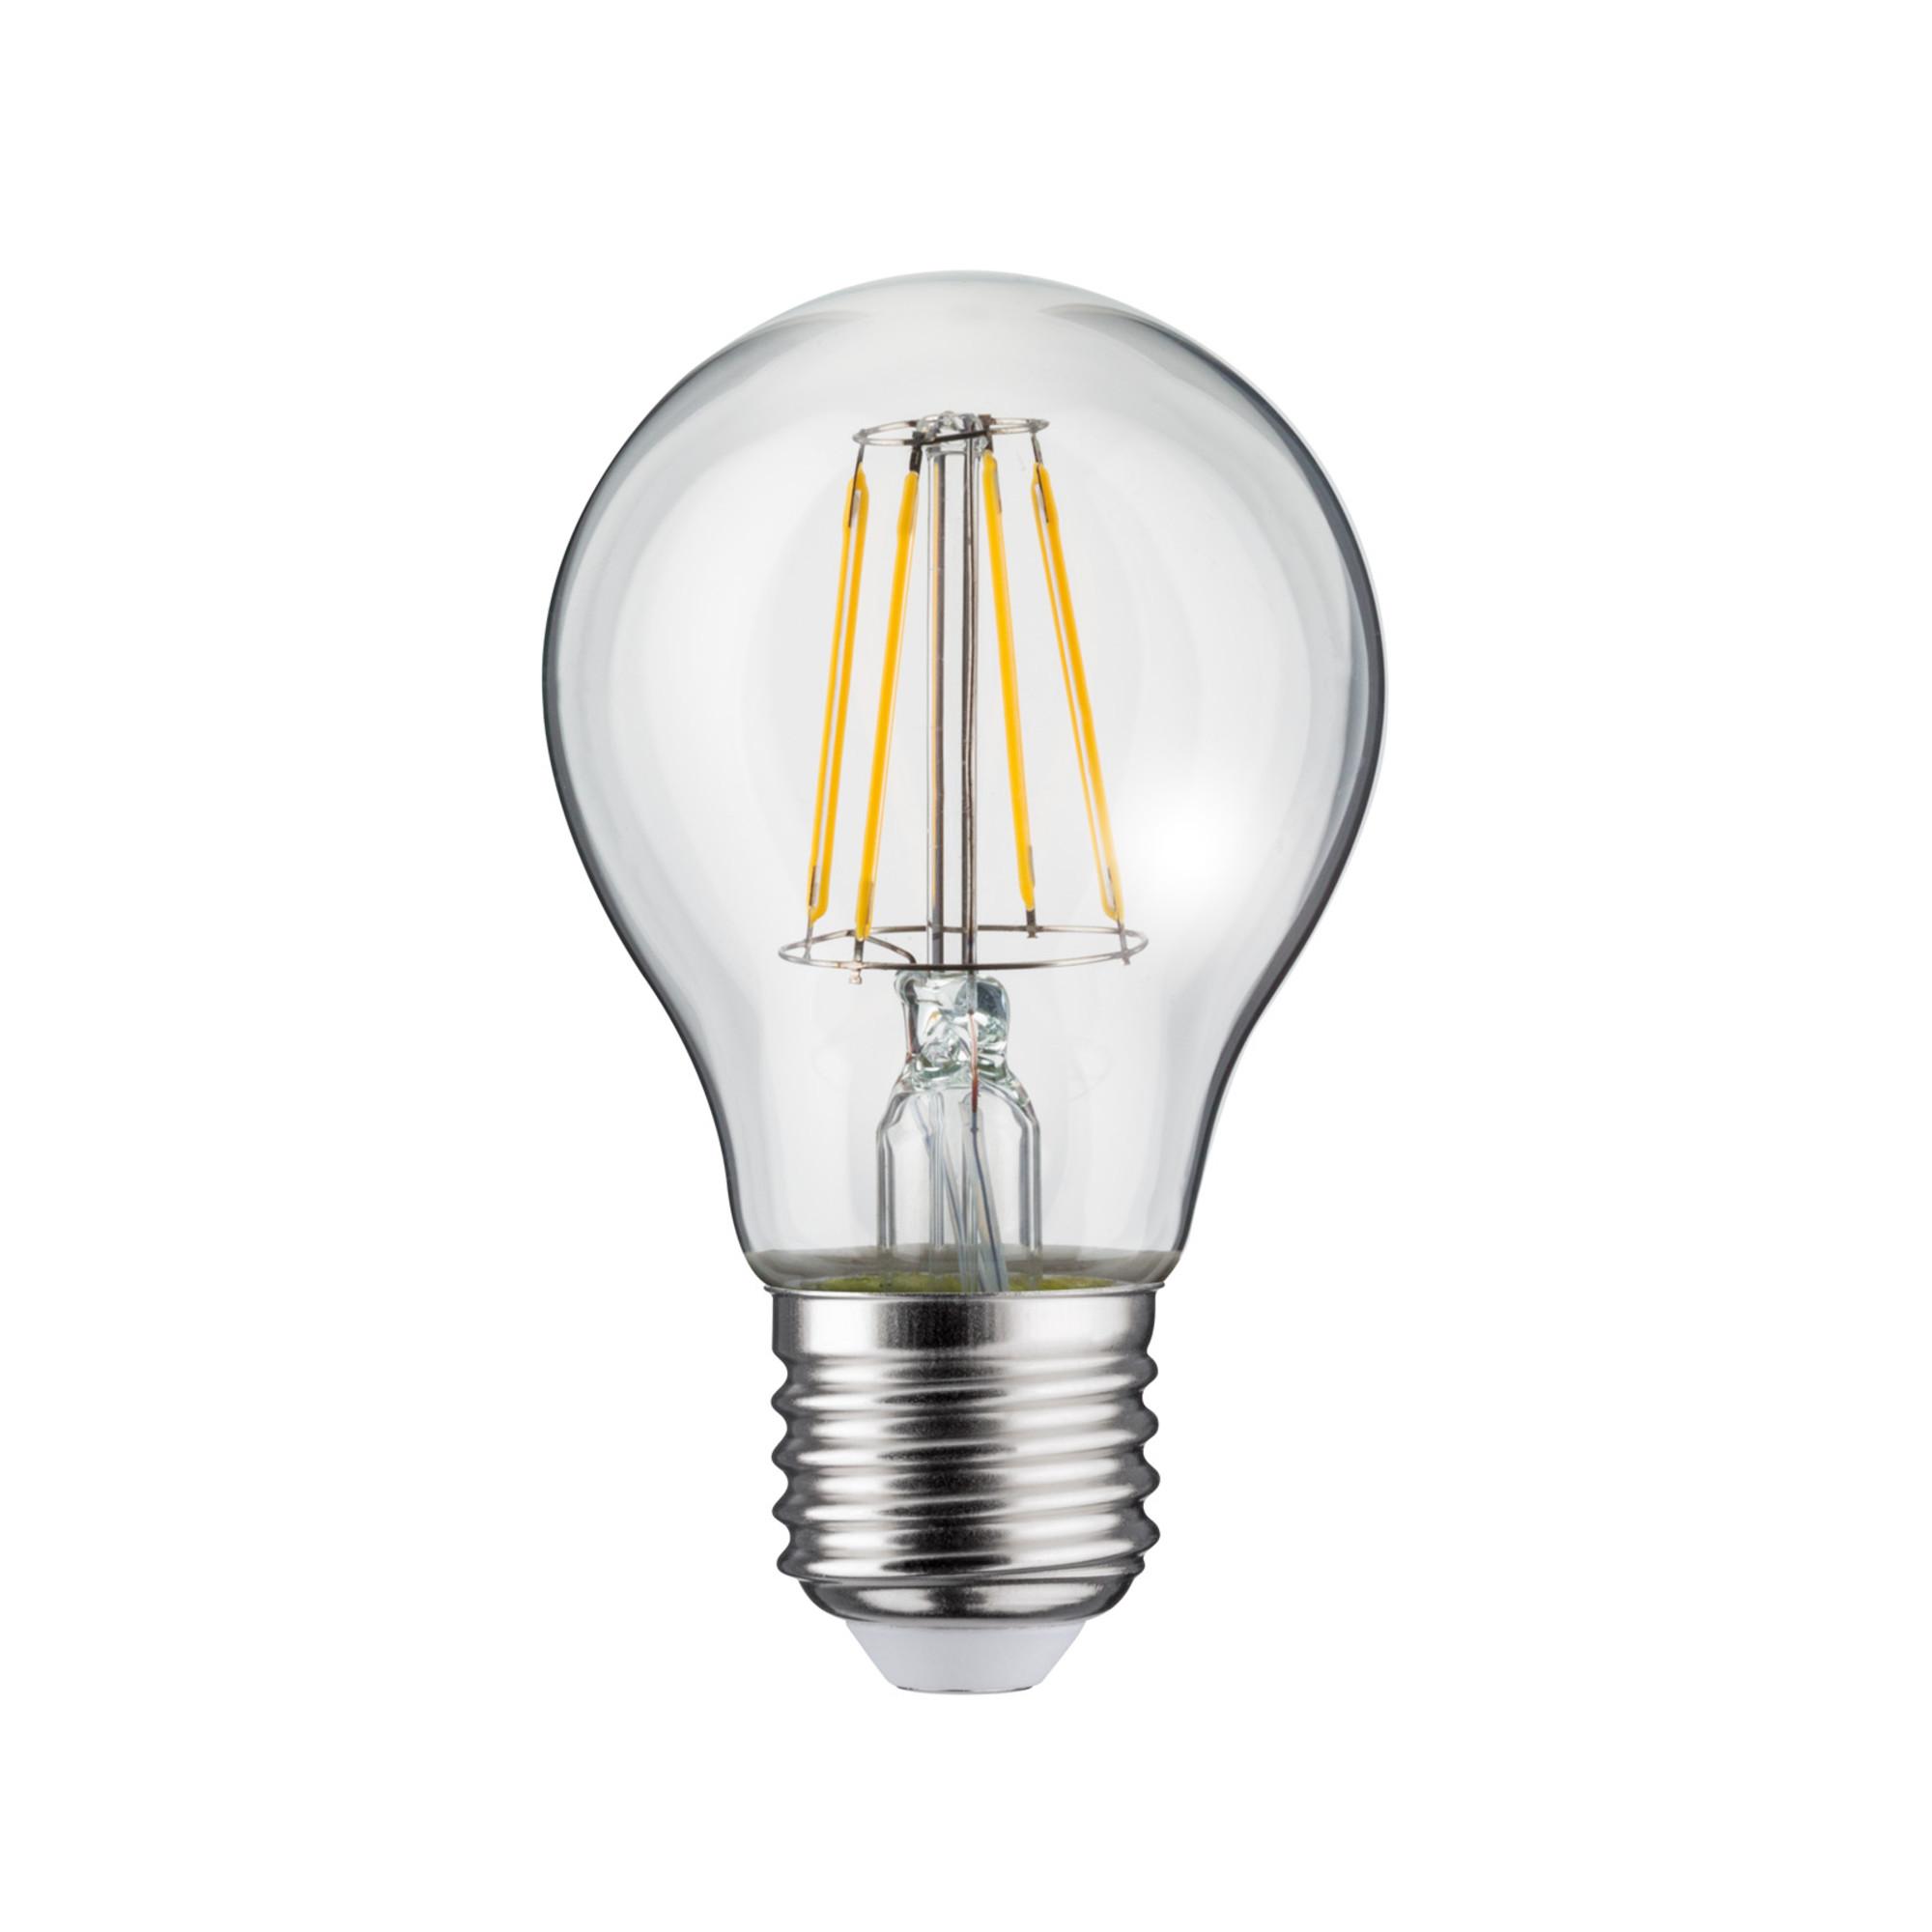 Лампа филаментная Paulmann Общего назначения 5Вт 470лм 2700К Е27 230В Прозрачный 28378.